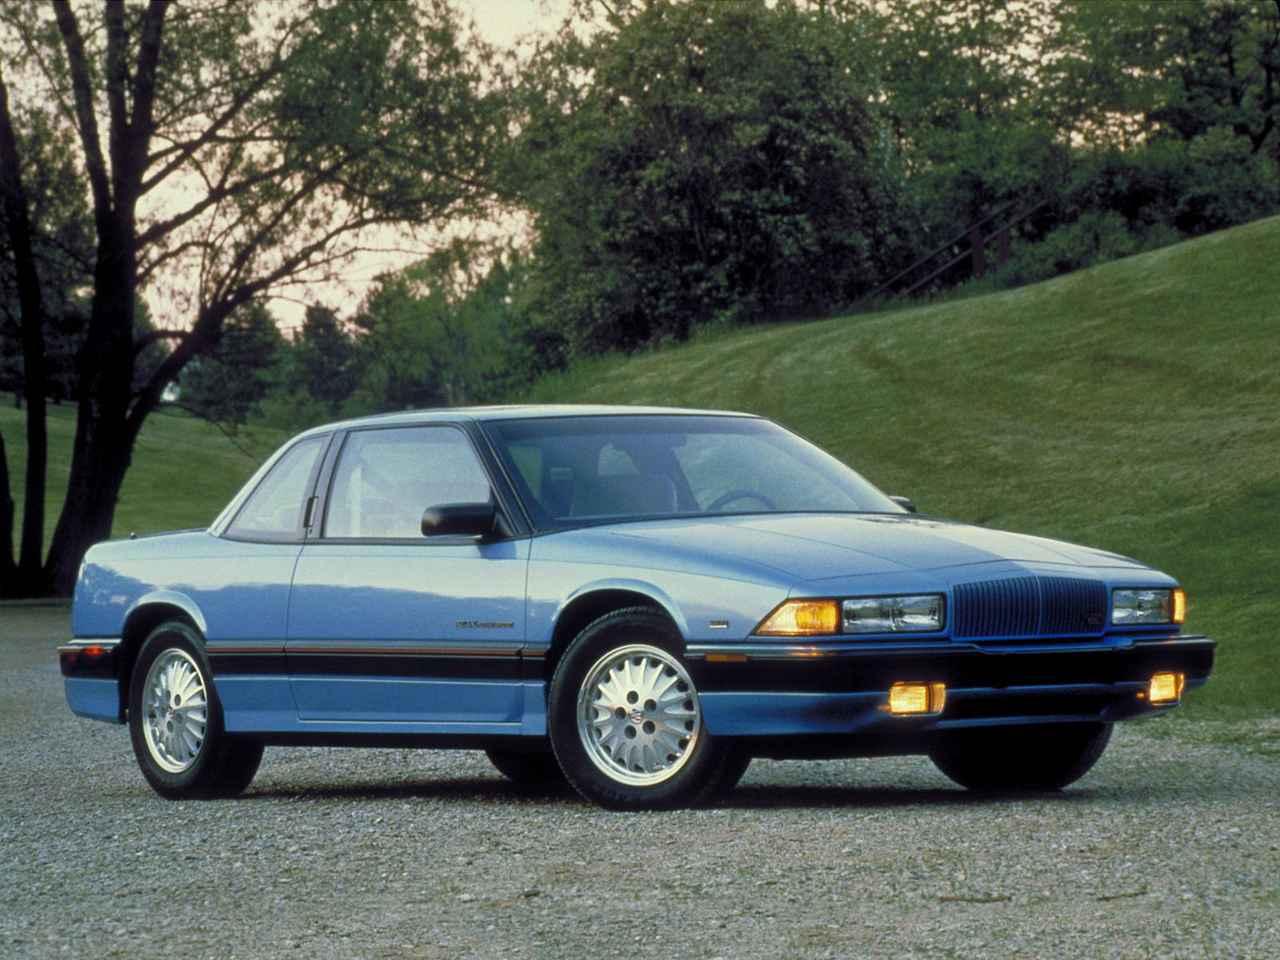 画像: 『ワイスピ』の代名詞、ドムの愛車ダッジ・チャージャー